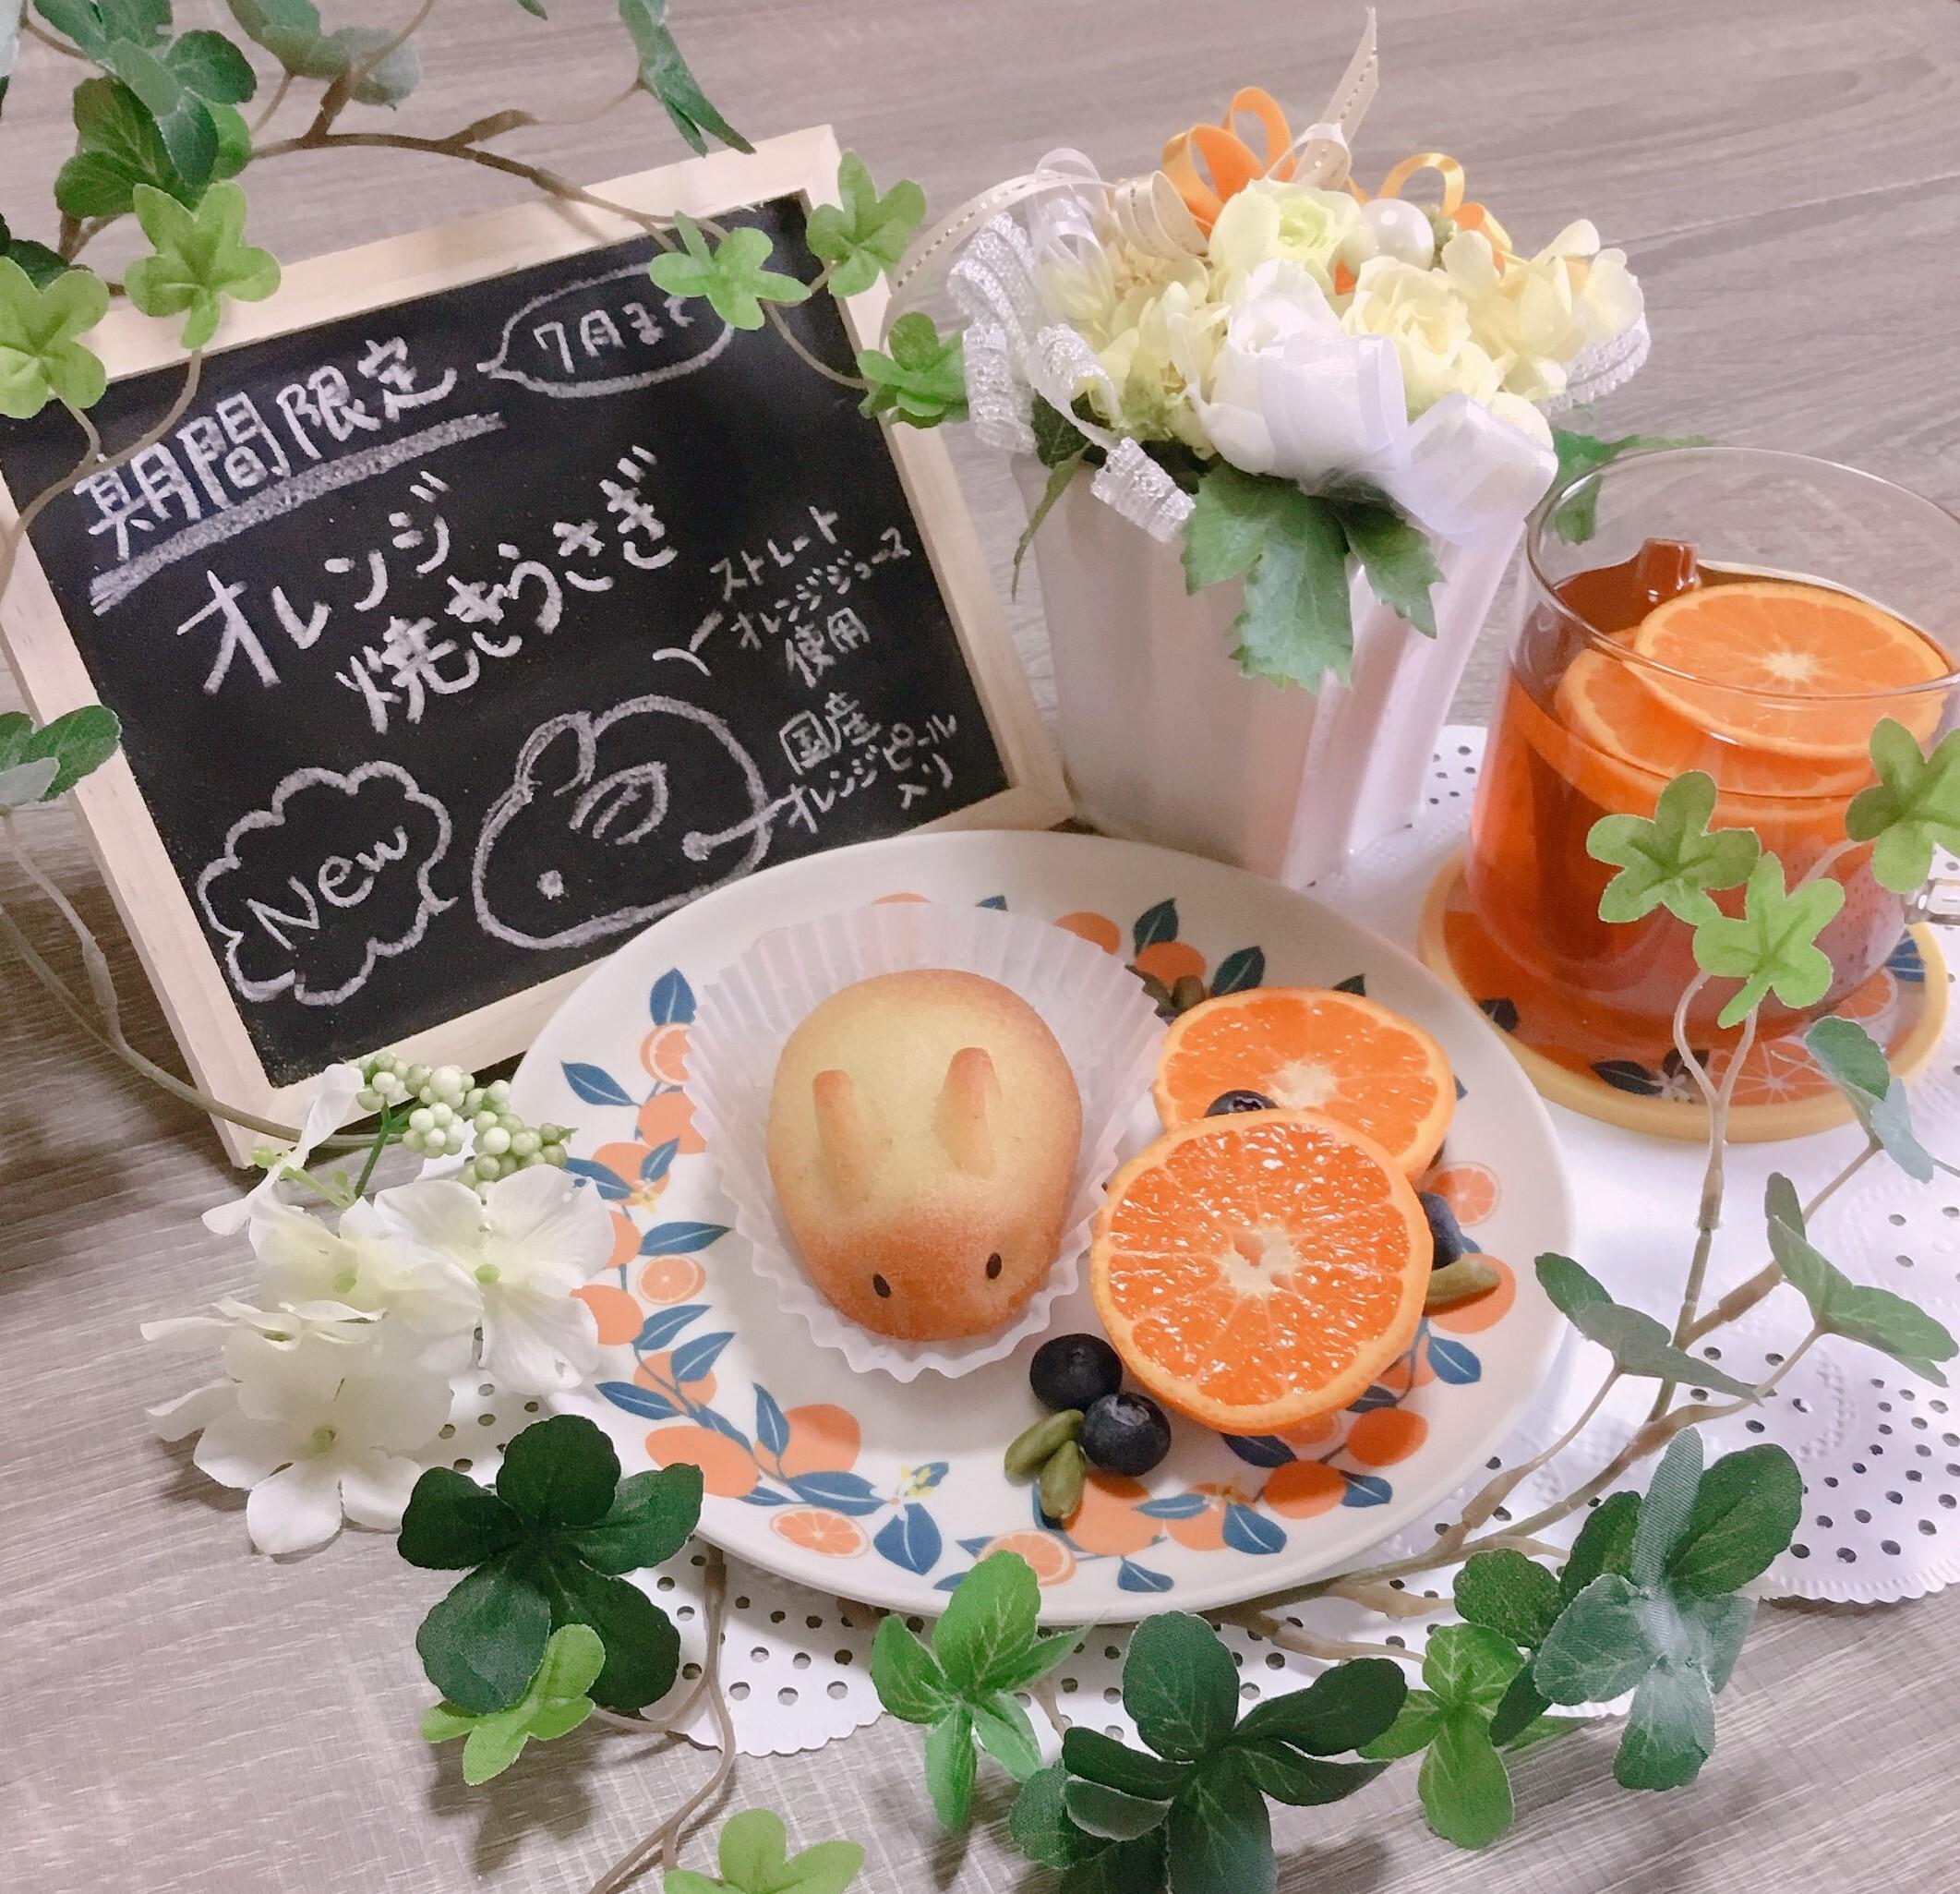 【月~金曜日発送】オレンジ焼きうさぎ10羽セット※期間限定(焼き菓子/フィナンシェ/お菓子ギフト)